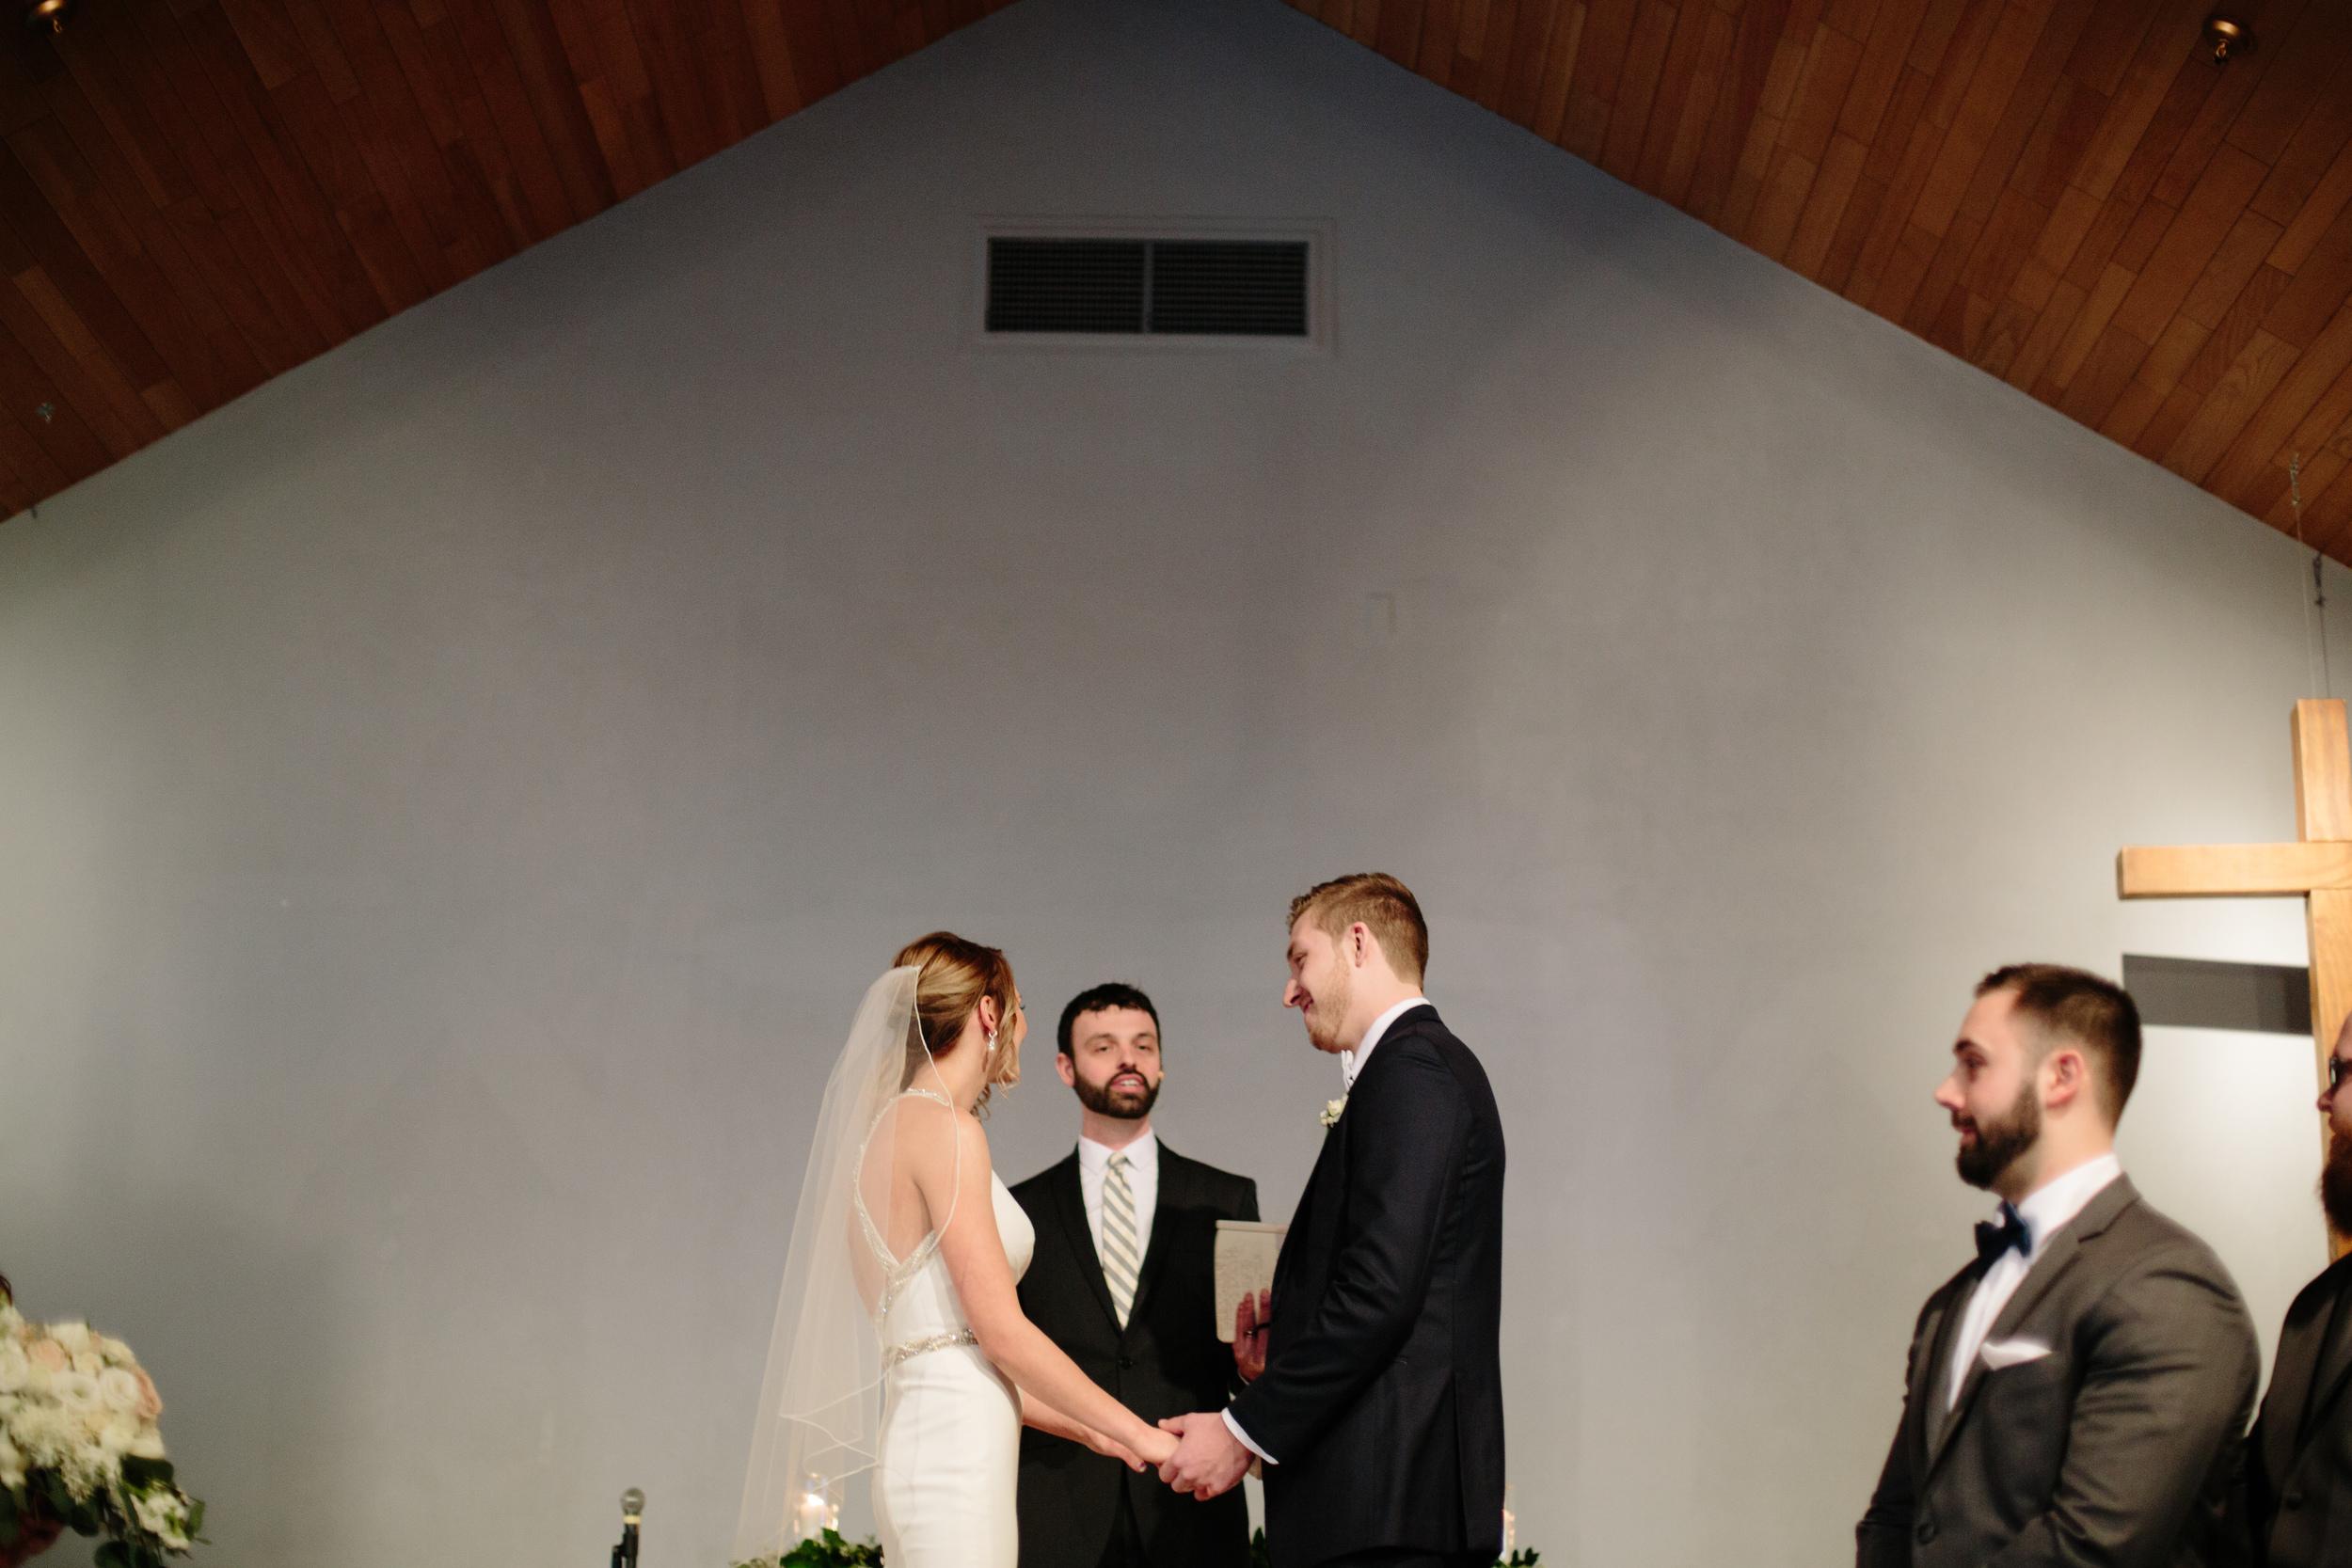 Sam and Jared_Ceremony (44 of 105).jpg